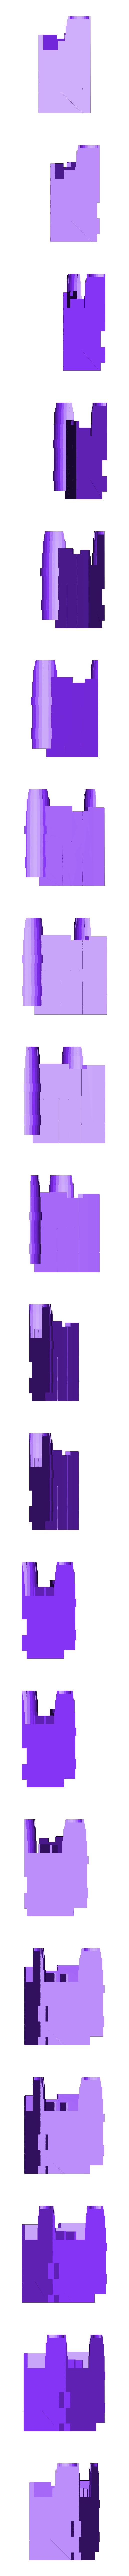 Rear_MidBA.stl Télécharger fichier STL gratuit Frégate Nebulon B (coupée et sectionnée) • Modèle pour impression 3D, Masterkookus